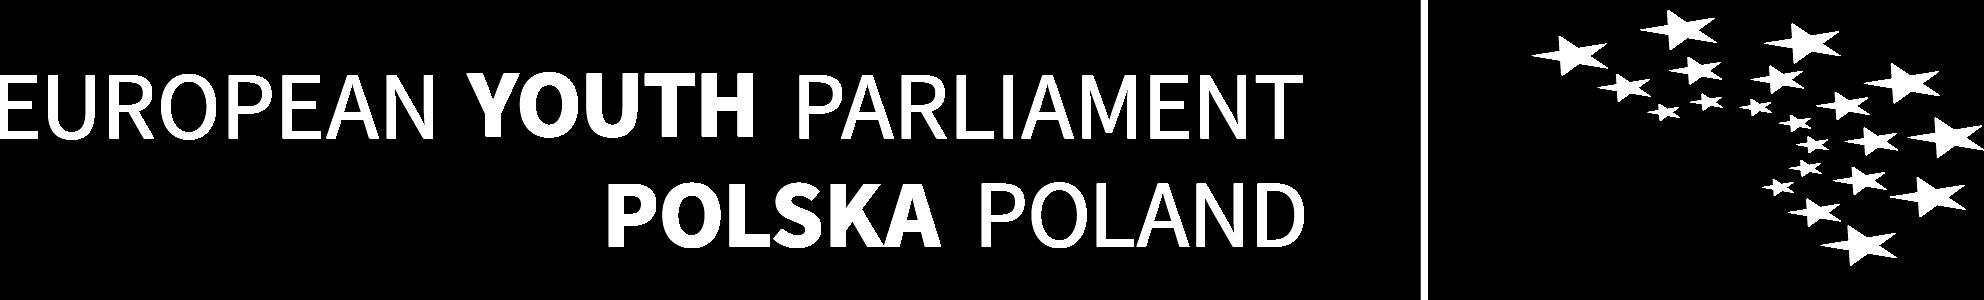 Europejski Parlament Młodzieży – EYP Poland